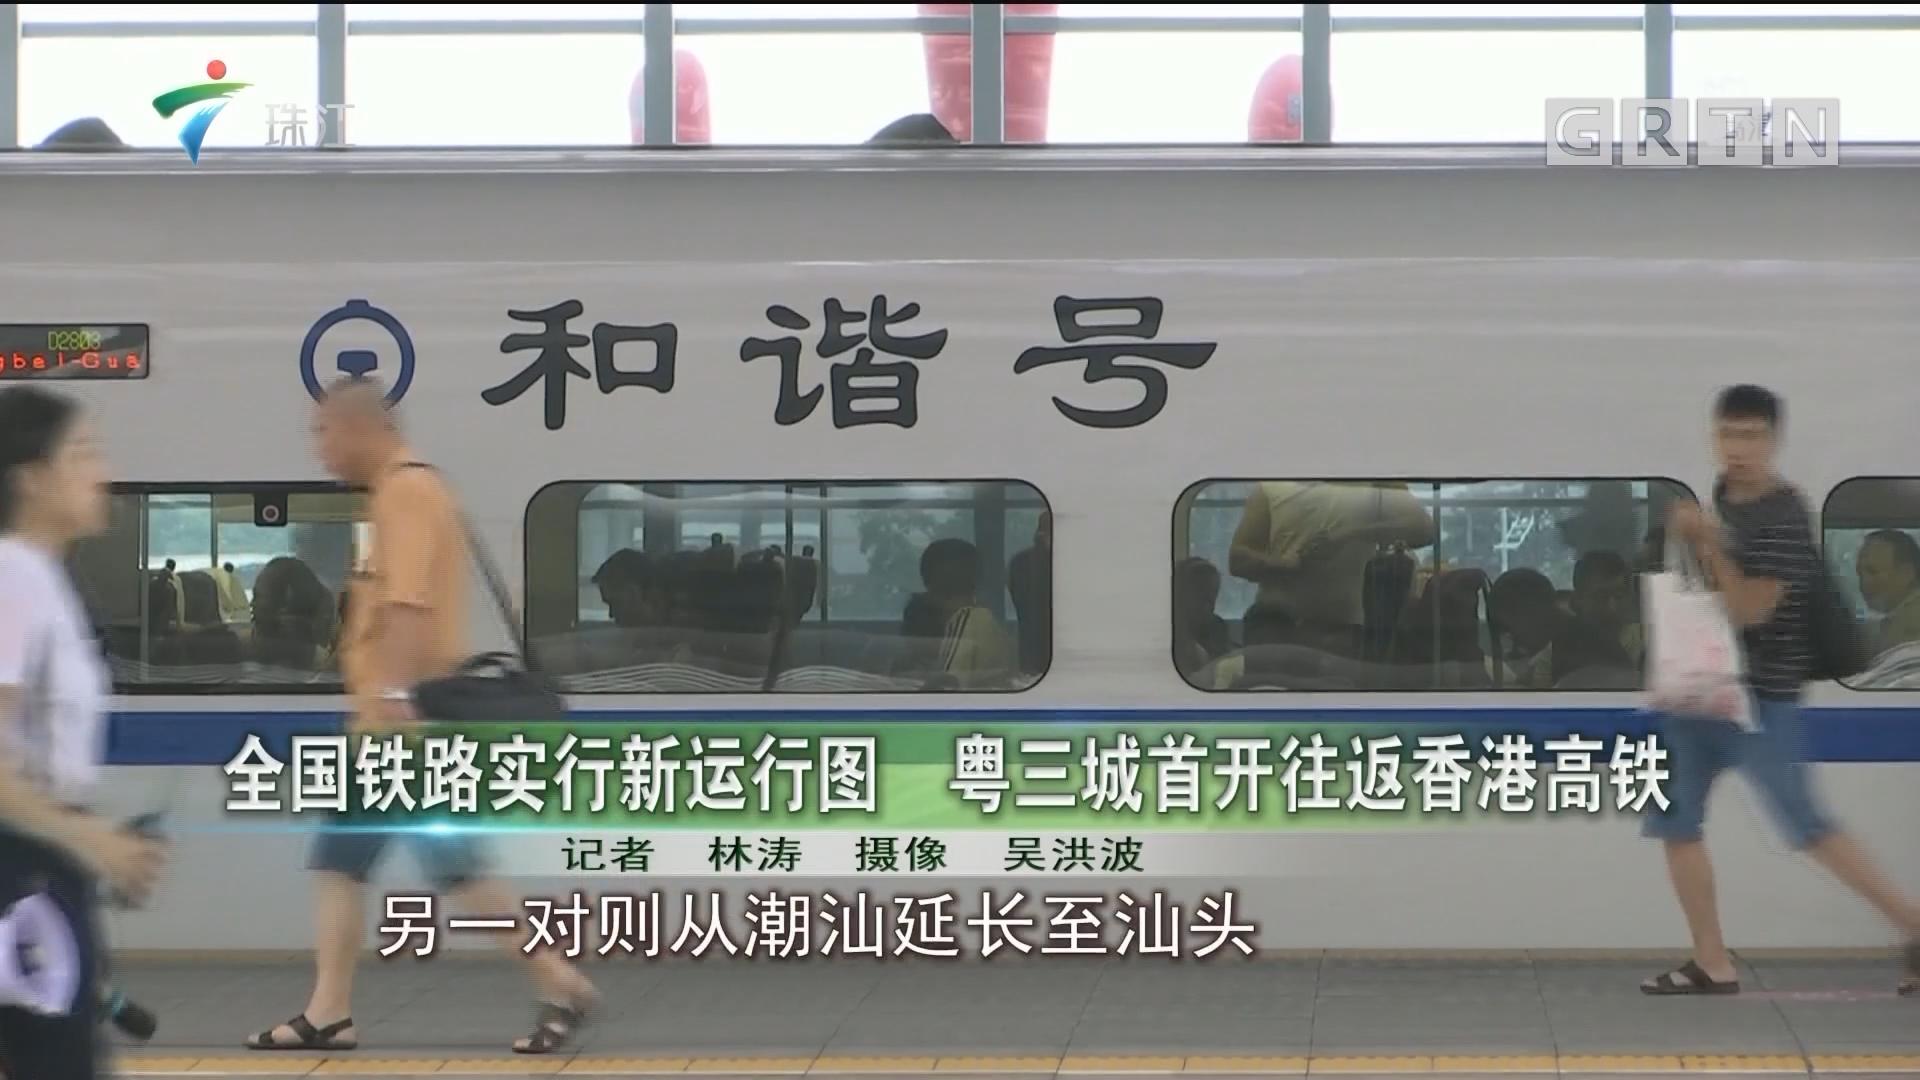 全国铁路实行新运行图 粤三城首开往返香港高铁